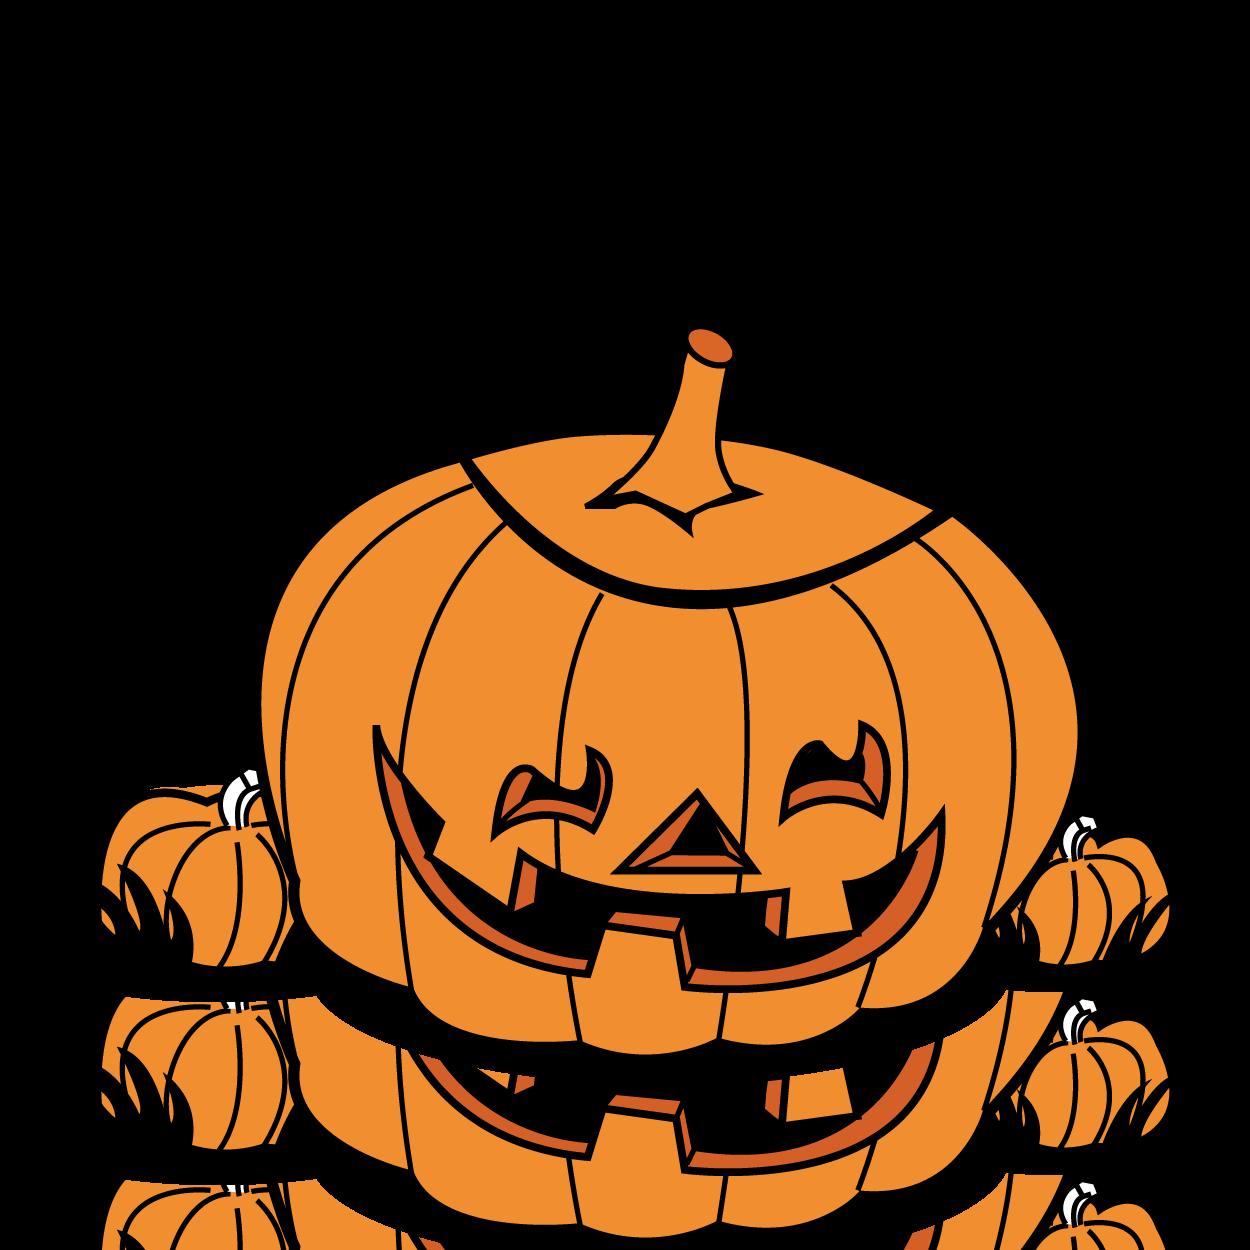 Halloween Pumpkin Patch Clip Art | Clipart Panda - Free Clipart Images